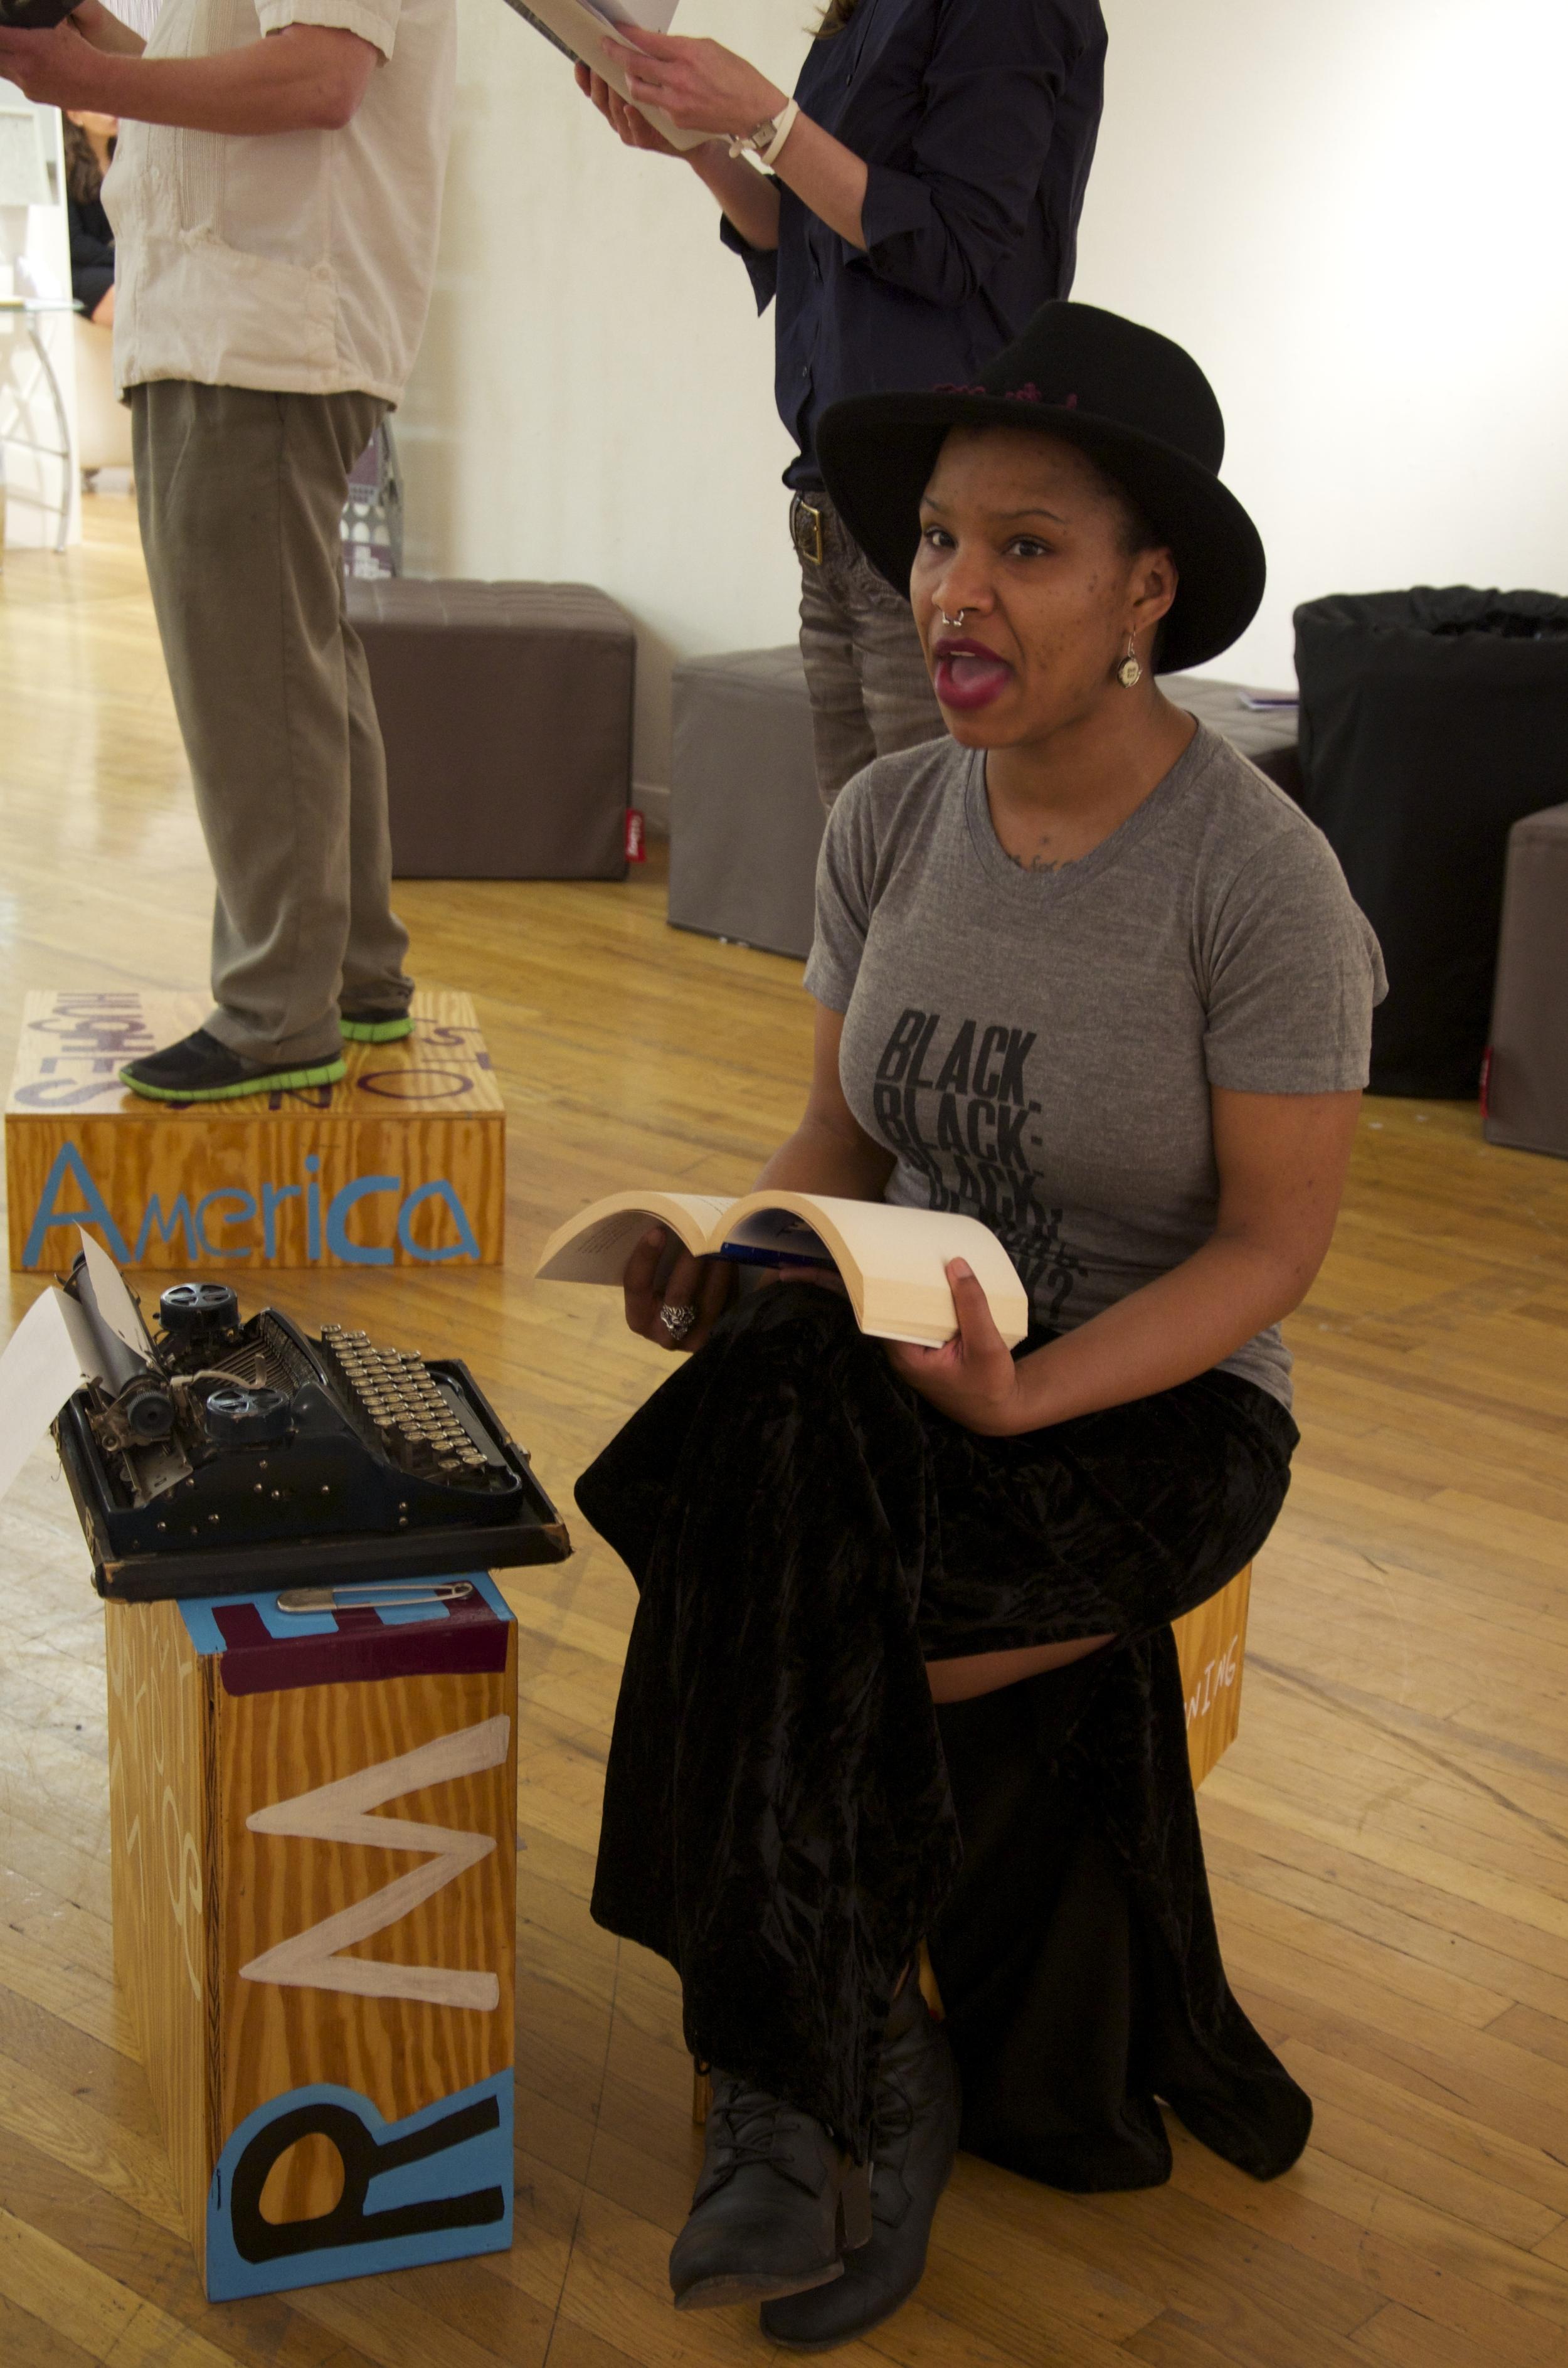 Poet Sculpture PULSE Art Fair, Joyce LeeAnn, New York, NY 2014.2.jpg